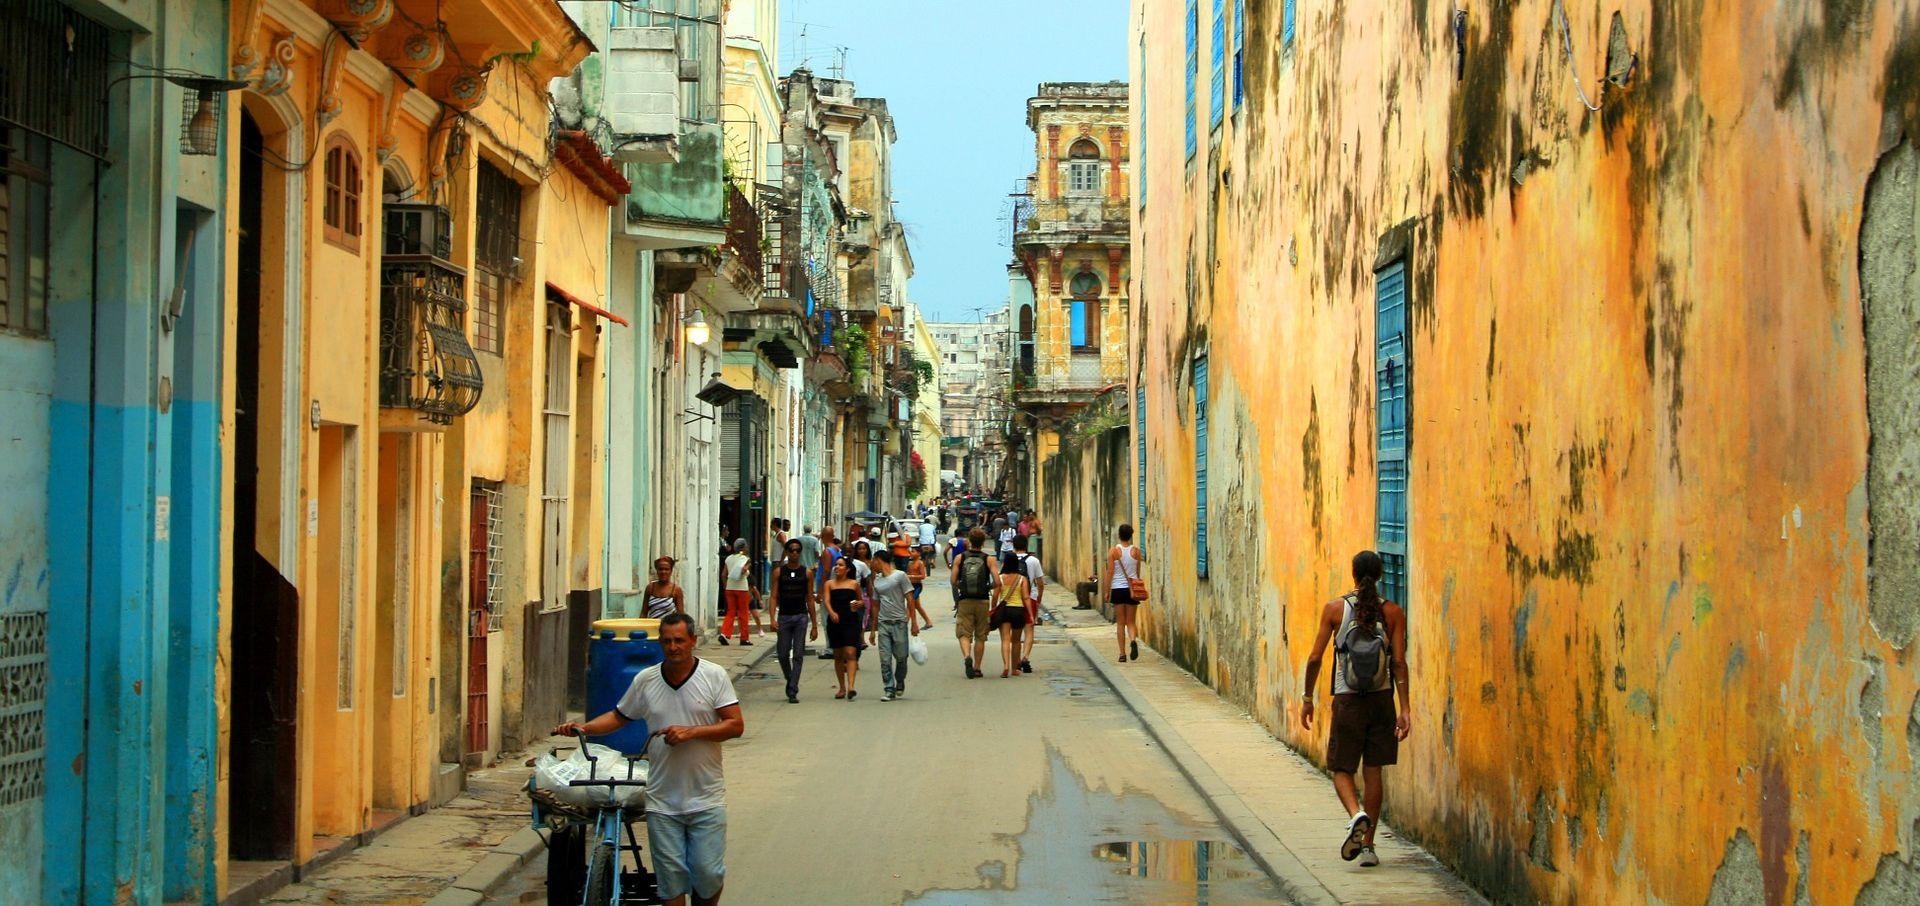 Kuba slavi 60 godina revolucije u Latinskoj Americi koja skreće udesno